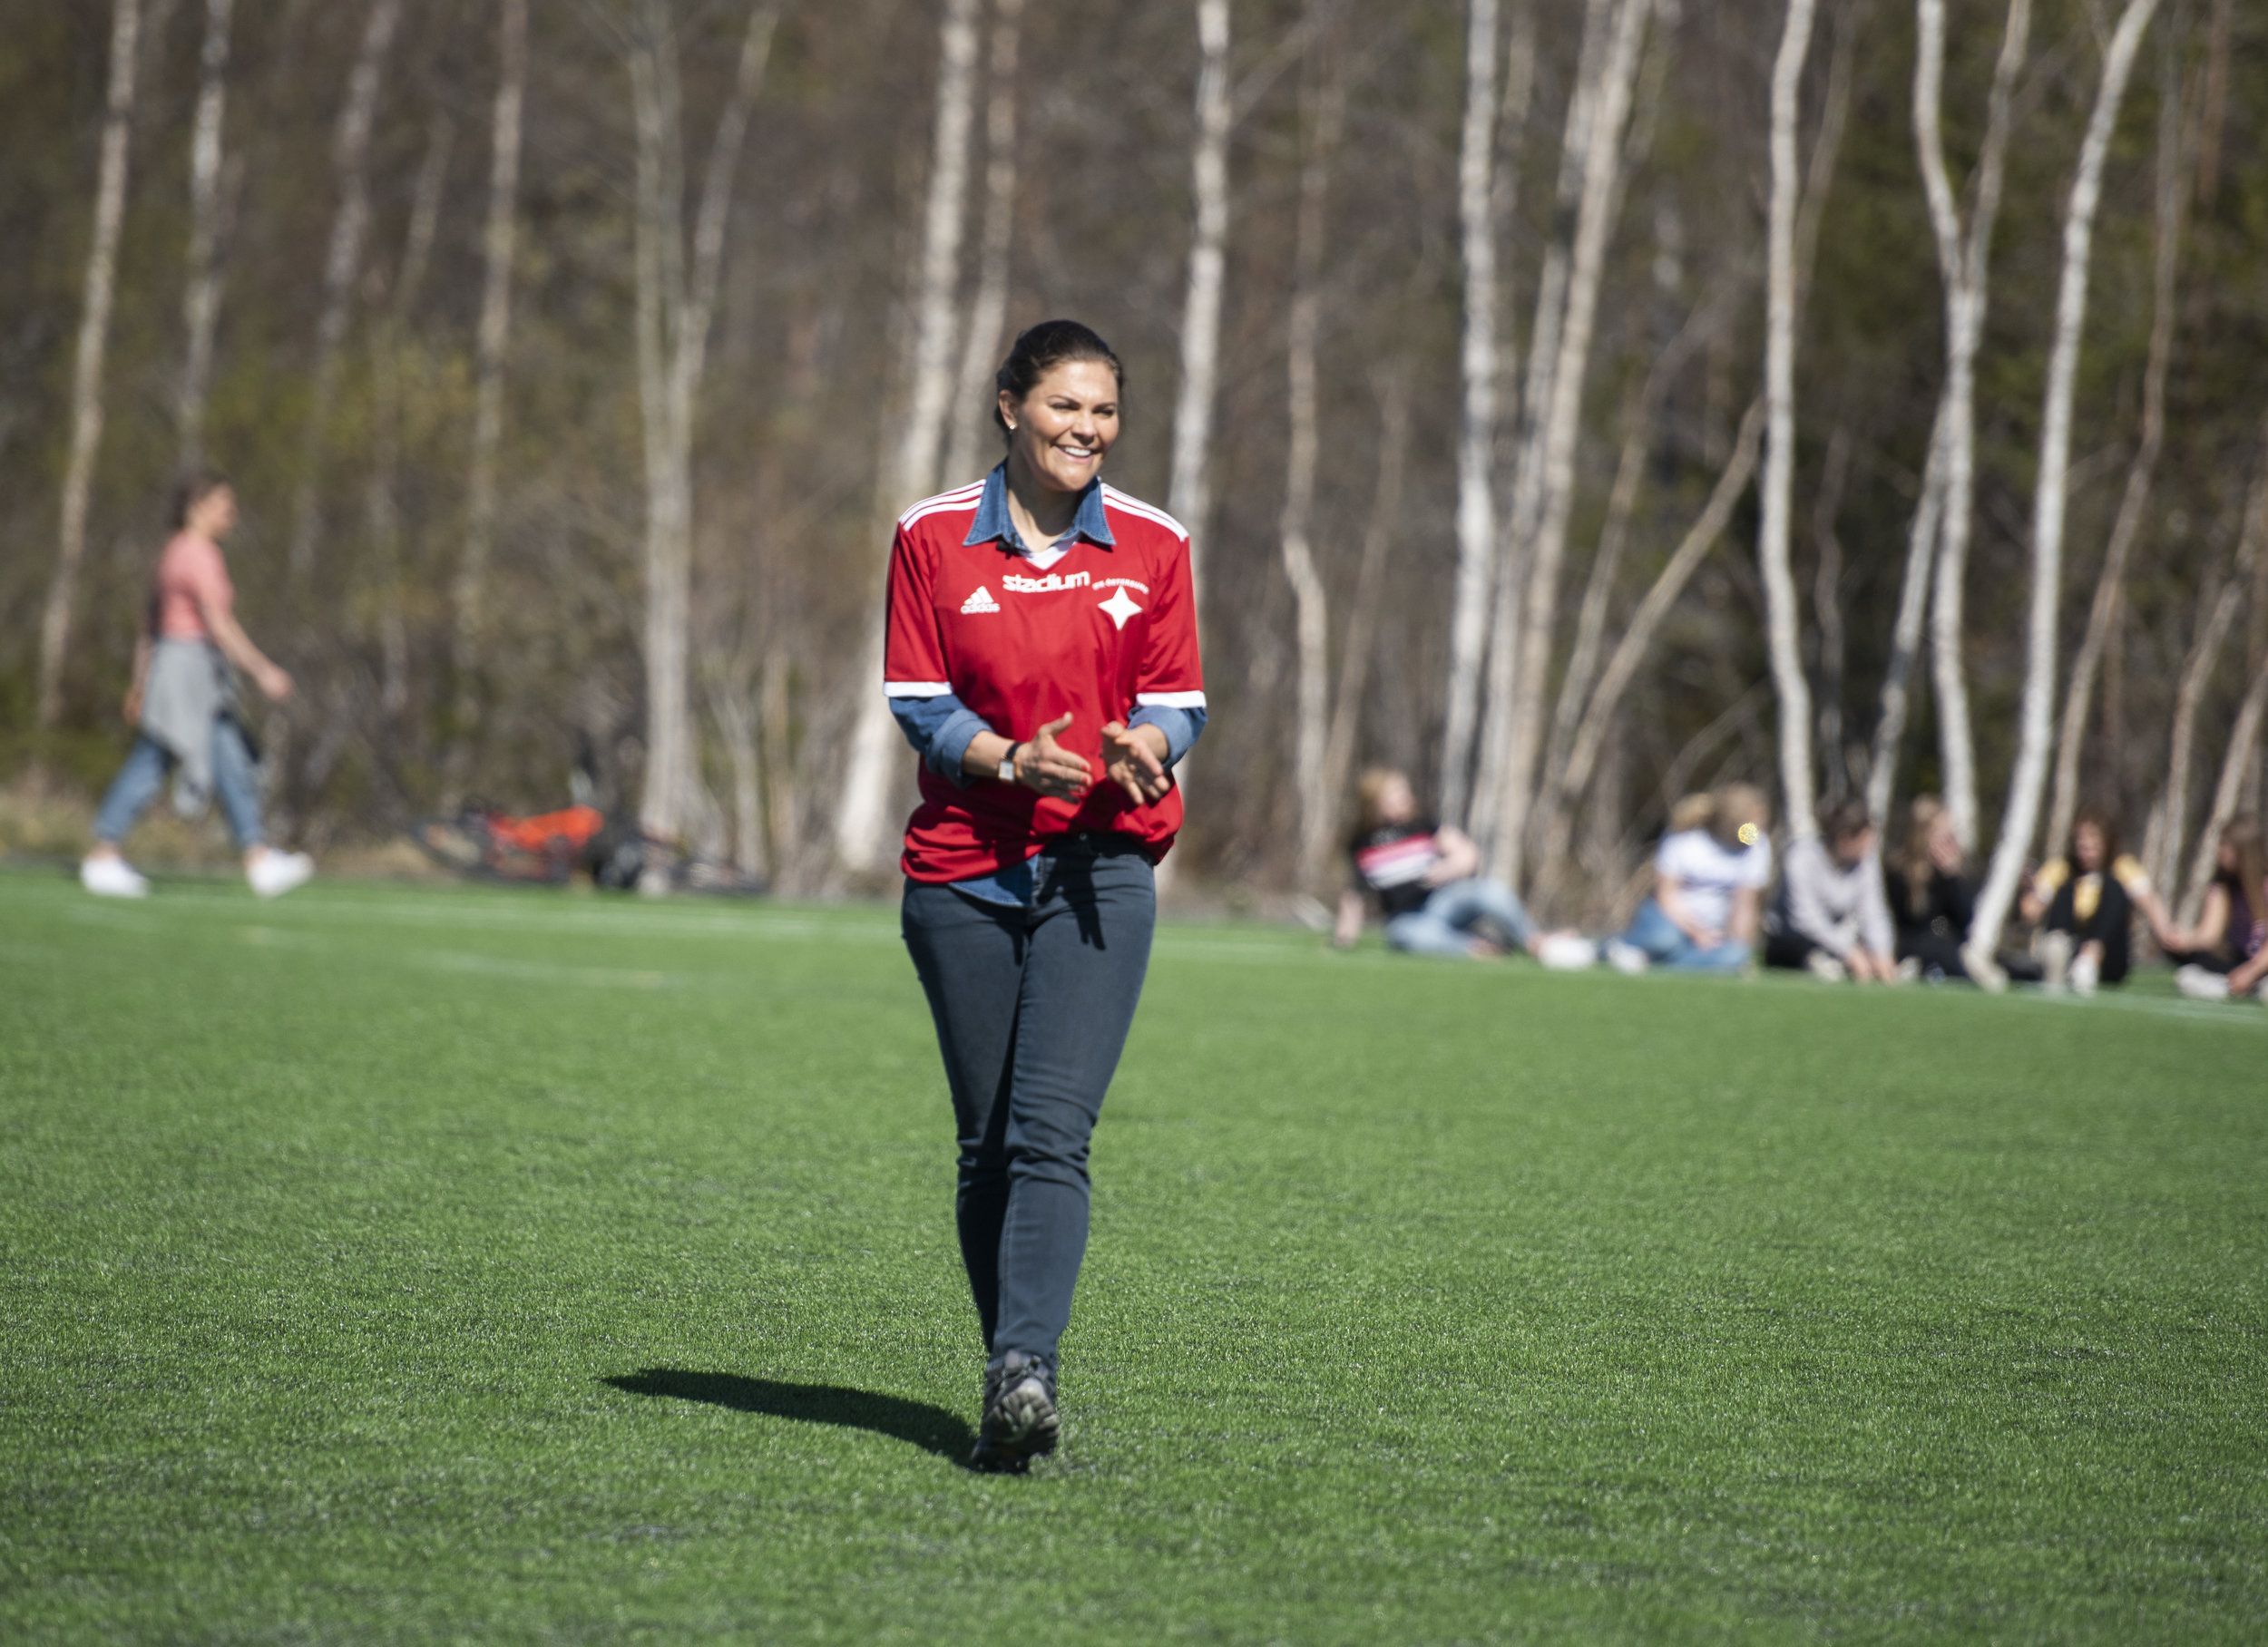 Foto: Parasport Sverige